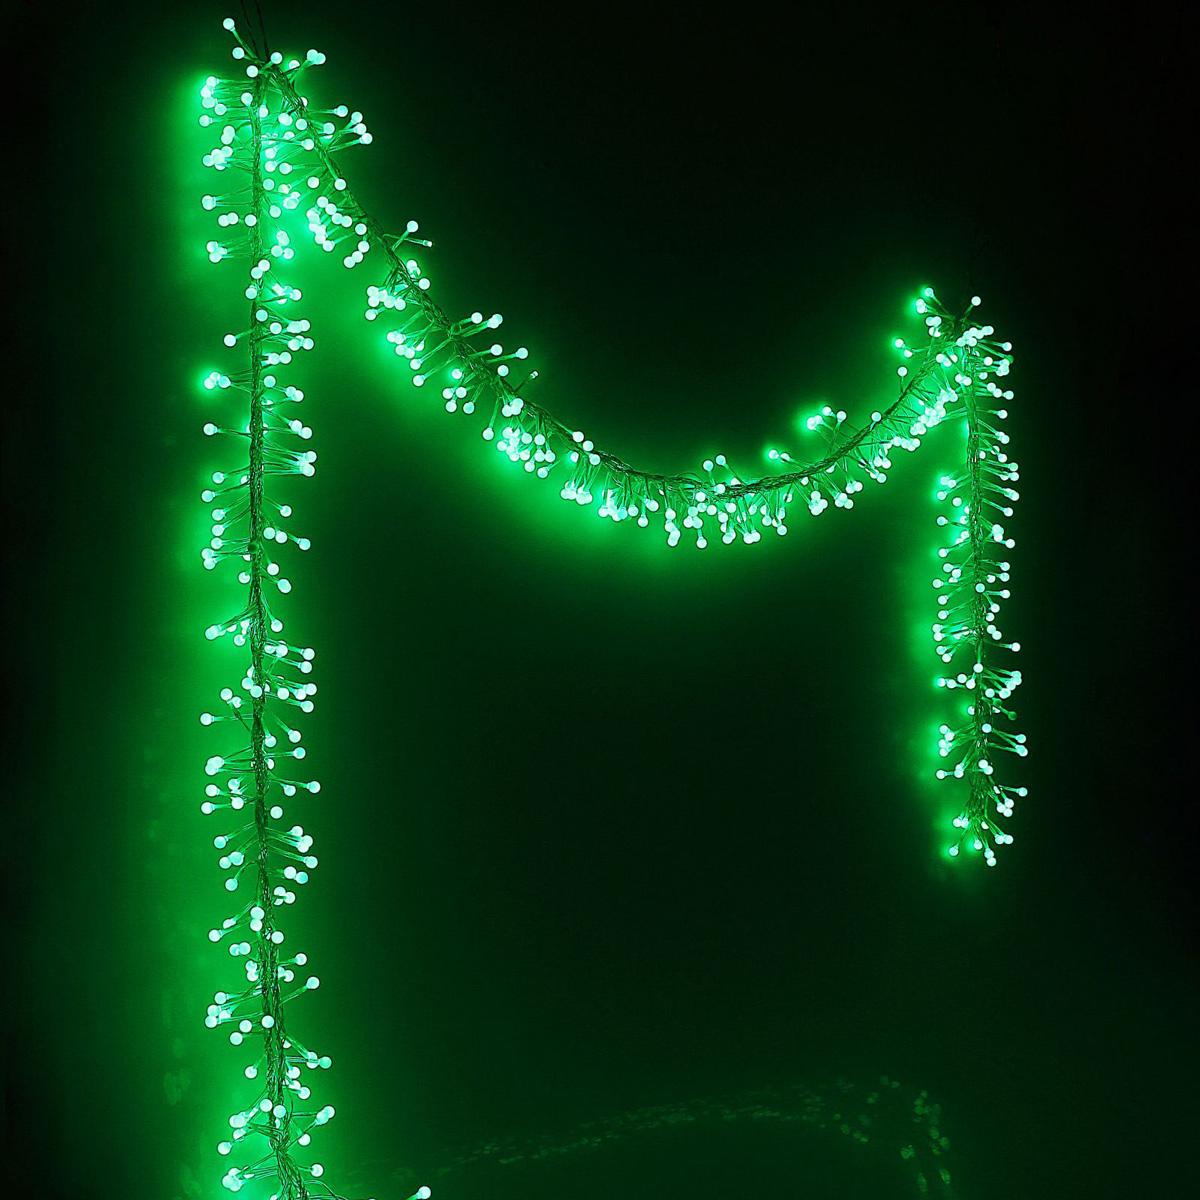 Гирлянда светодиодная Luazon Метраж, уличная, фиксинг, 576 ламп, 220 V, 6 м, цвет: зеленый. 10803371080337Светодиодные гирлянды, ленты и т.д. — это отличный вариант для новогоднего оформления интерьера или фасада. С их помощью помещение любого размера можно превратить в праздничный зал, а внешние элементы зданий, украшенные ими, мгновенно станут напоминать очертания сказочного дворца. Такие украшения создают ауру предвкушения чуда. Деревья, фасады, витрины, окна и арки будто специально созданы, чтобы вы украсили их светящимися нитями.